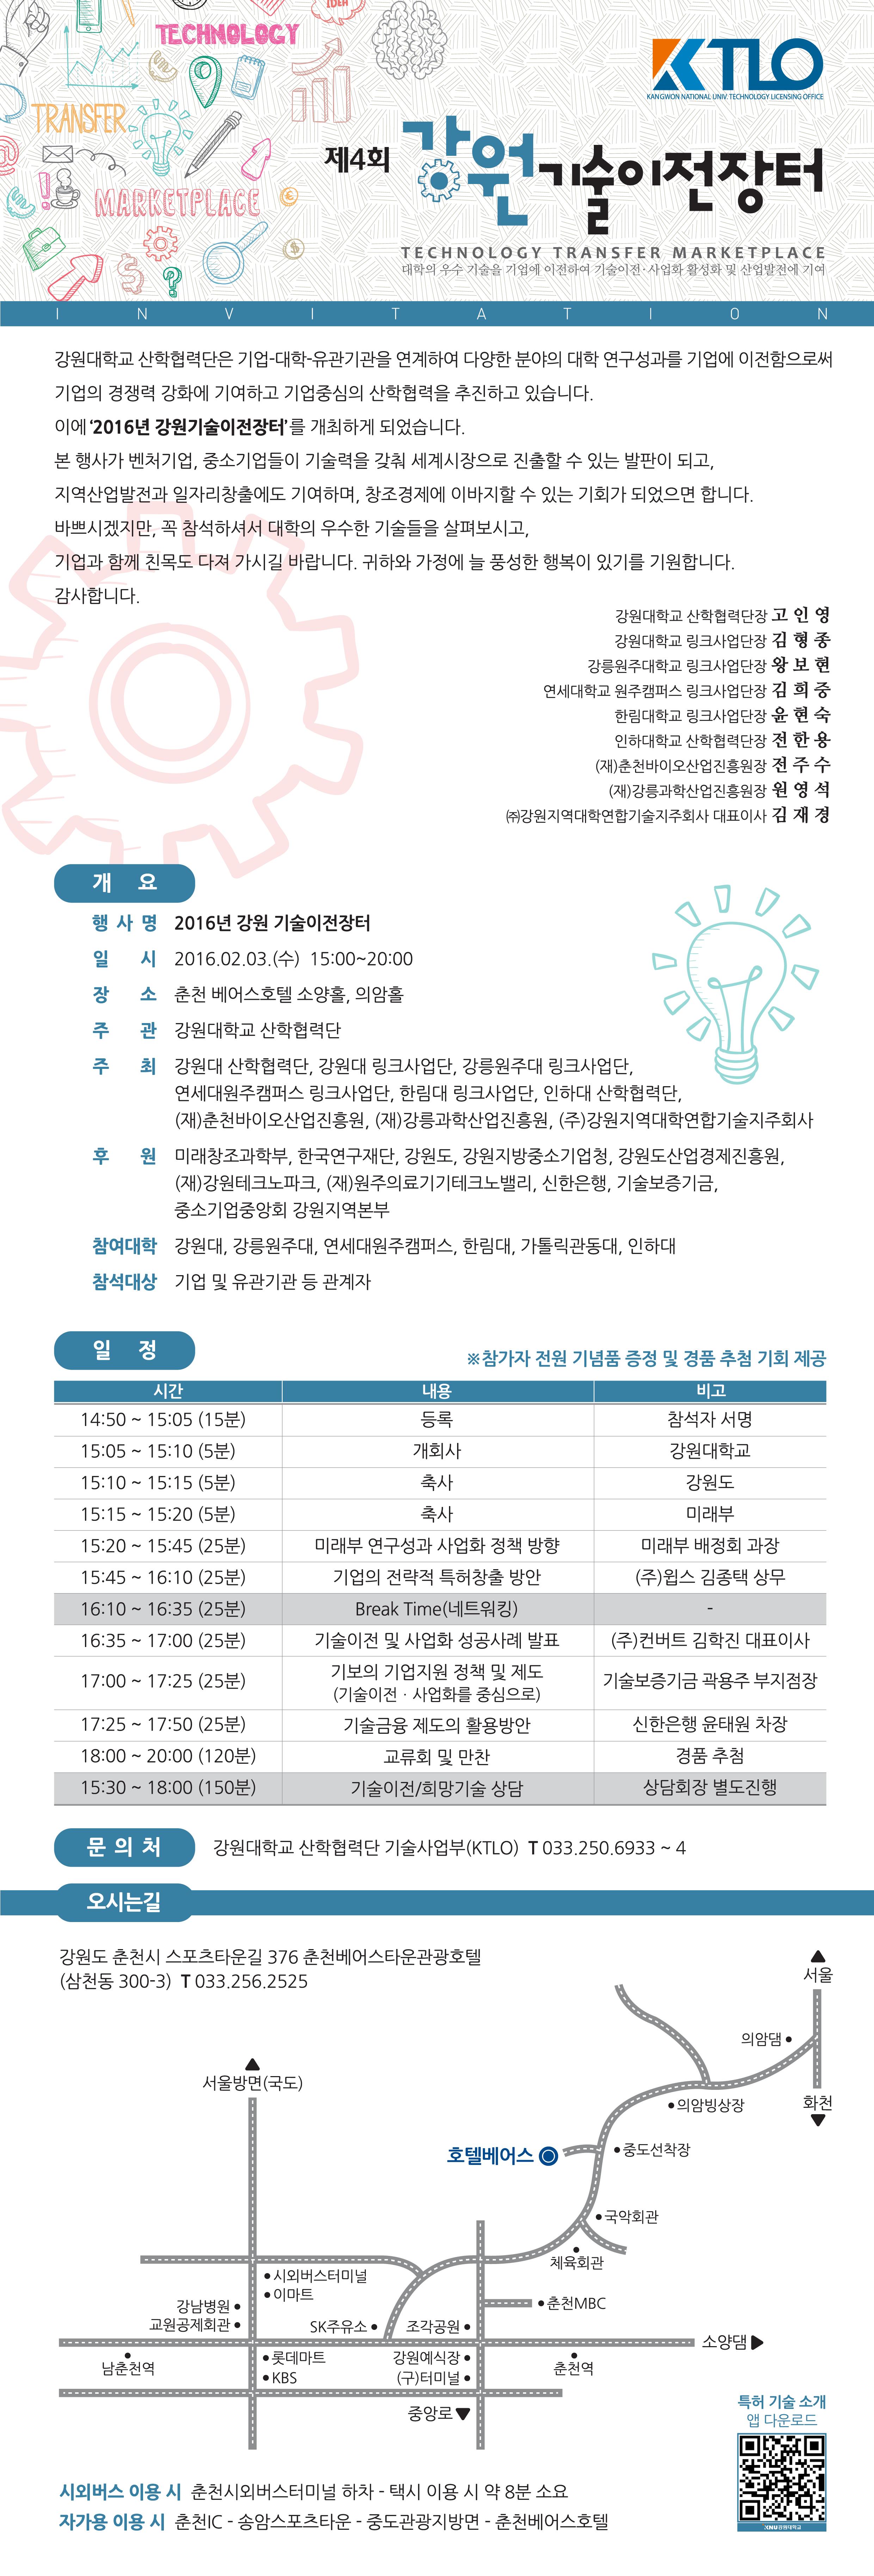 2016 강원 기술이전장터 초청장.png